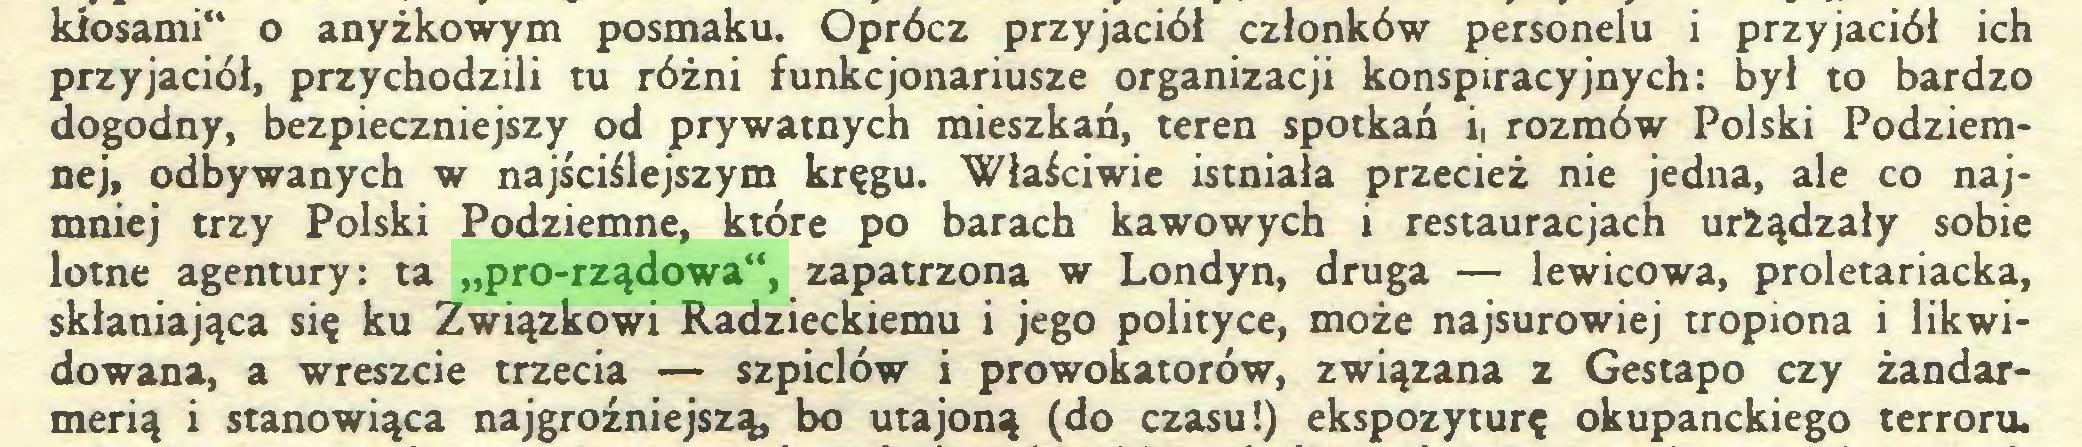 """(...) kłosami"""" o anyżkowym posmaku. Oprócz przyjaciół członków personelu i przyjaciół ich przyjaciół, przychodzili tu różni funkcjonariusze organizacji konspiracyjnych: był to bardzo dogodny, bezpieczniejszy od prywatnych mieszkań, teren spotkań i> rozmów Polski Podziemnej, odbywanych w najściślejszym kręgu. Właściwie istniała przecież nie jedna, ale co najmniej trzy Polski Podziemne, które po barach kawowych i restauracjach urżądzały sobie lotne agentury: ta """"pro-rządowa"""", zapatrzona w Londyn, druga — lewicowa, proletariacka, skłaniająca się ku Związkowi Radzieckiemu i jego polityce, może najsurowiej tropiona i likwidowana, a wreszcie trzecia — szpiclów i prowokatorów, związana z Gestapo czy żandarmerią i stanowiąca najgroźniejszą, bo utajoną (do czasu!) ekspozyturę okupanckiego terroru..."""